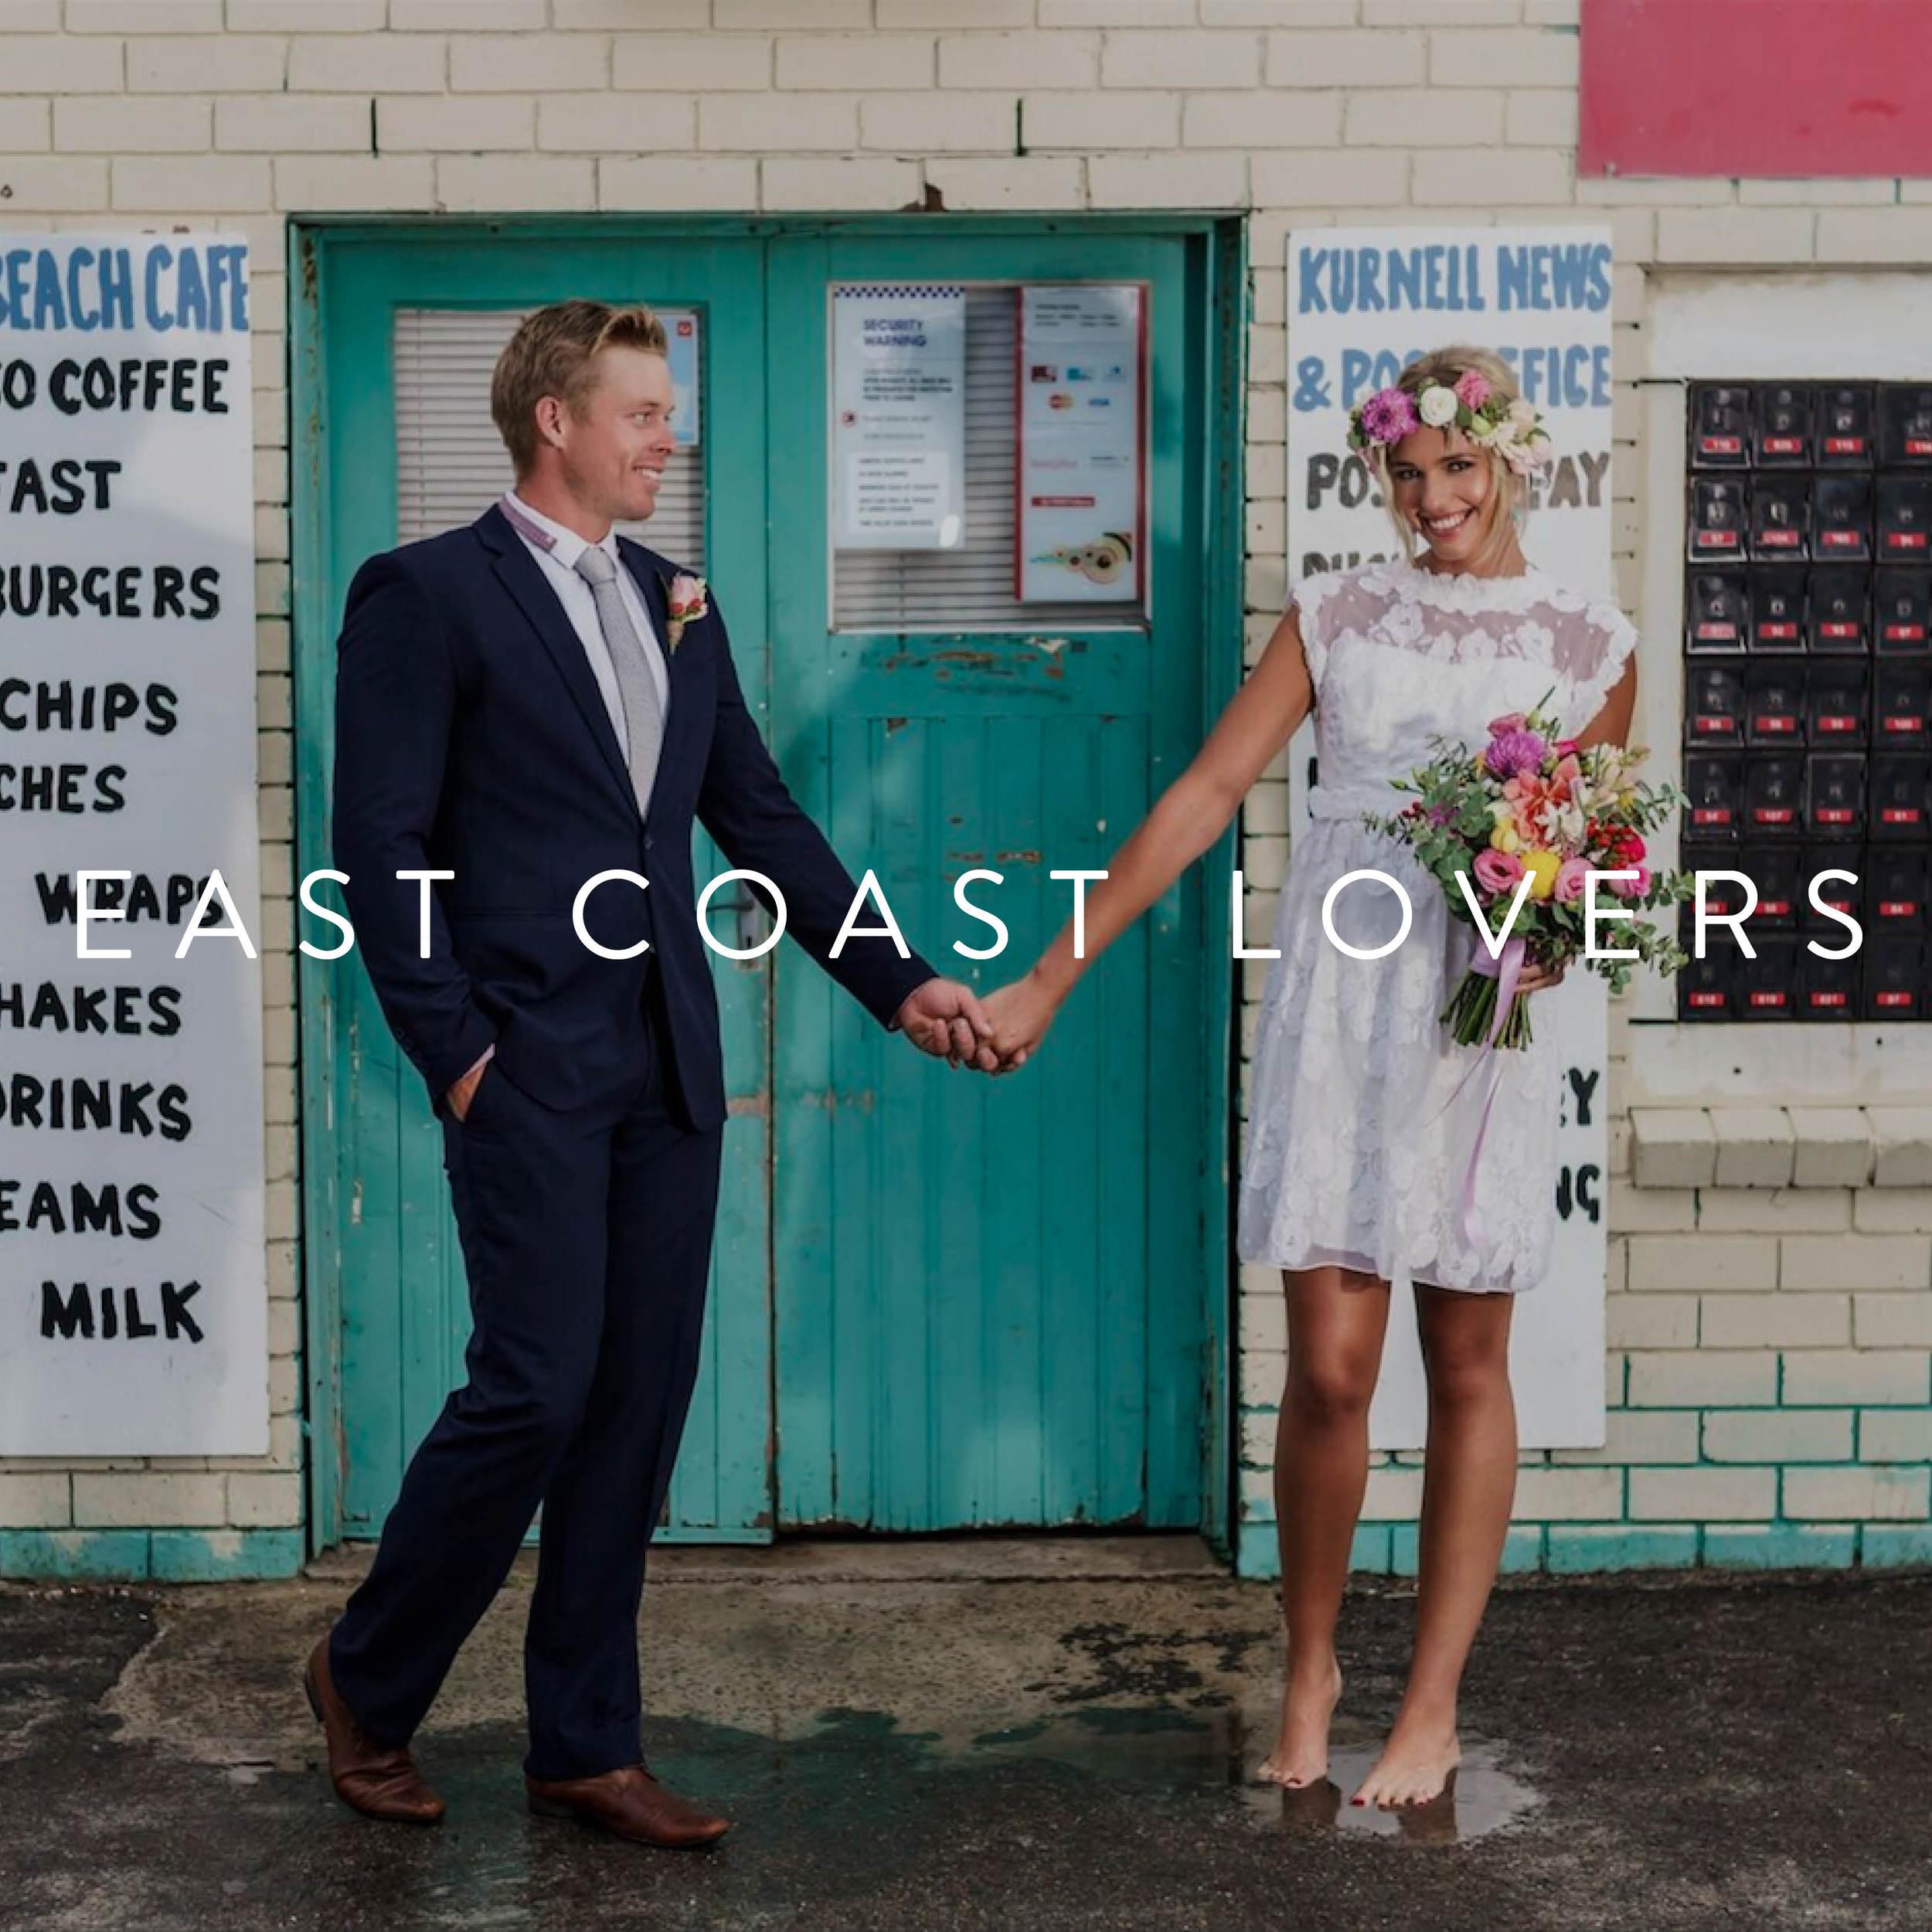 EAST COAST LOVERS